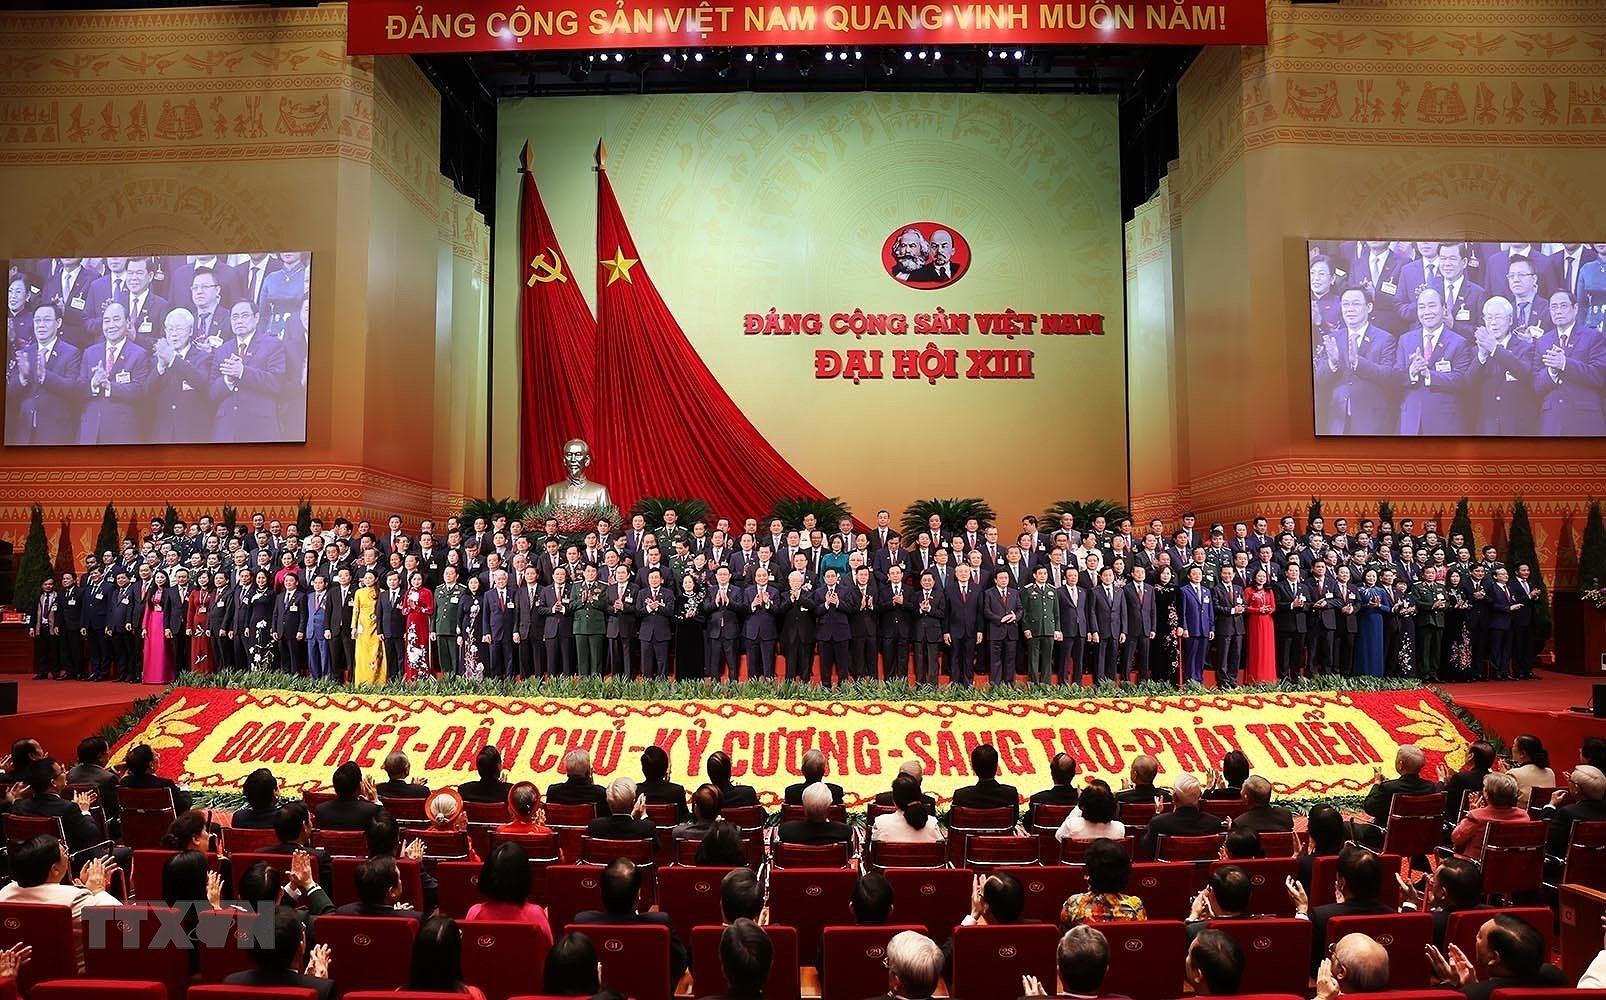 Đại hội lần thứ XIII của Đảng thành công tốt đẹp